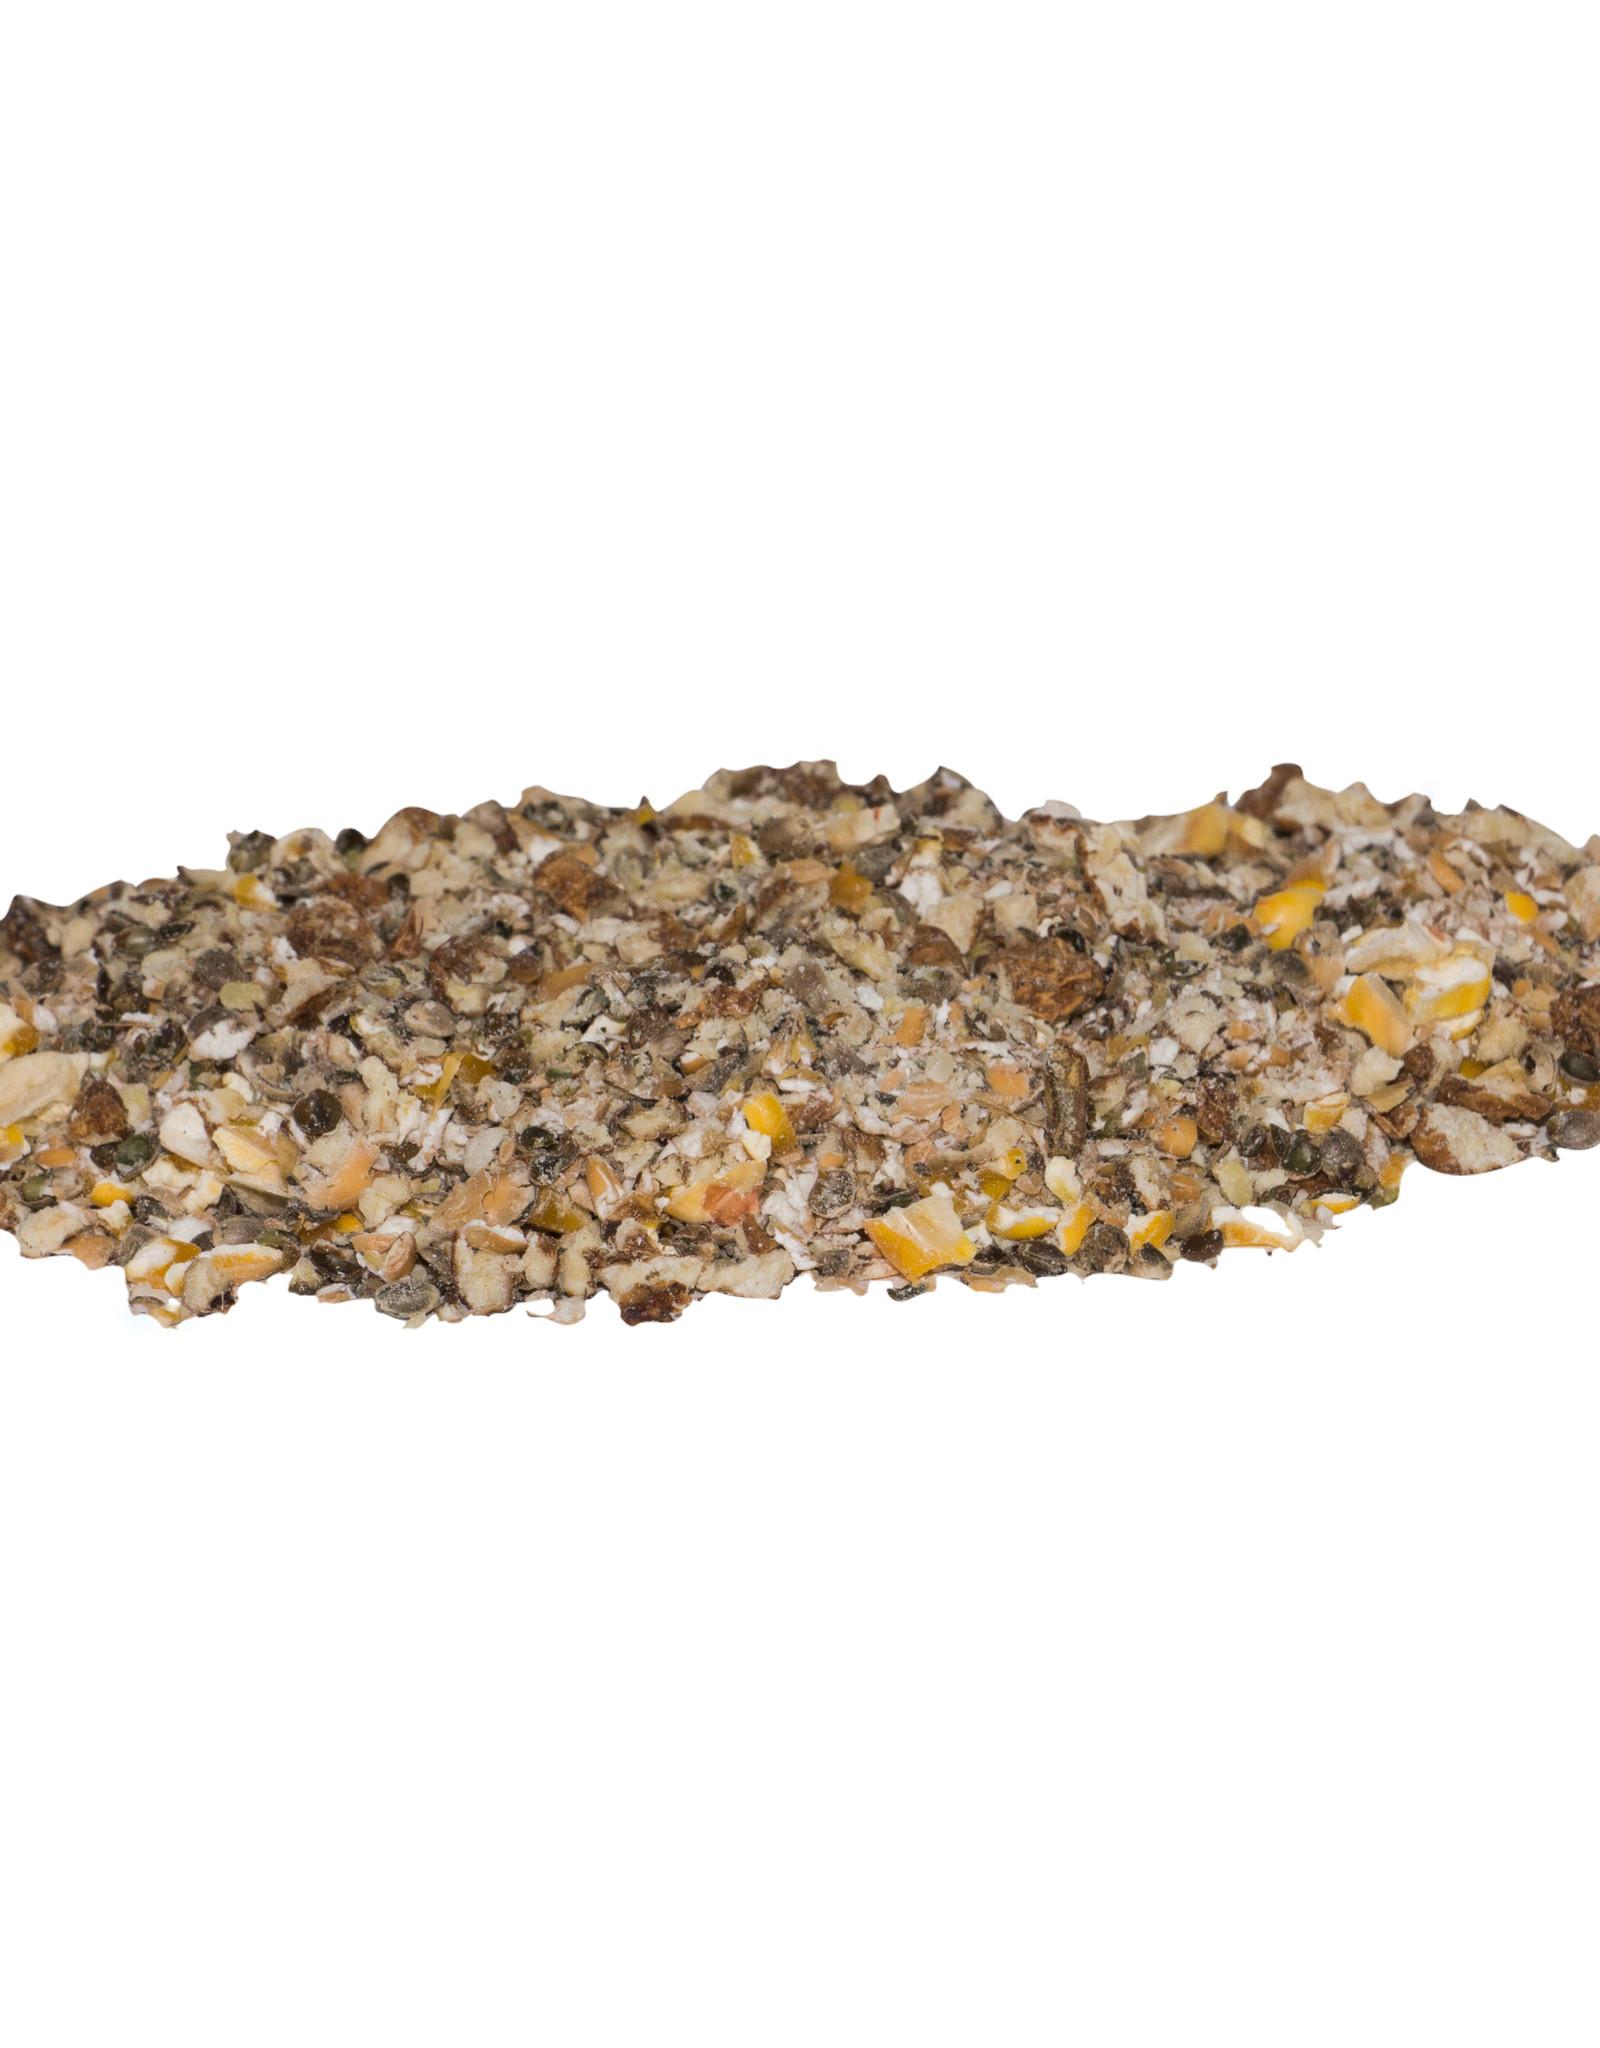 Baitworld Baitworld  Crunch spodmix partikel mix